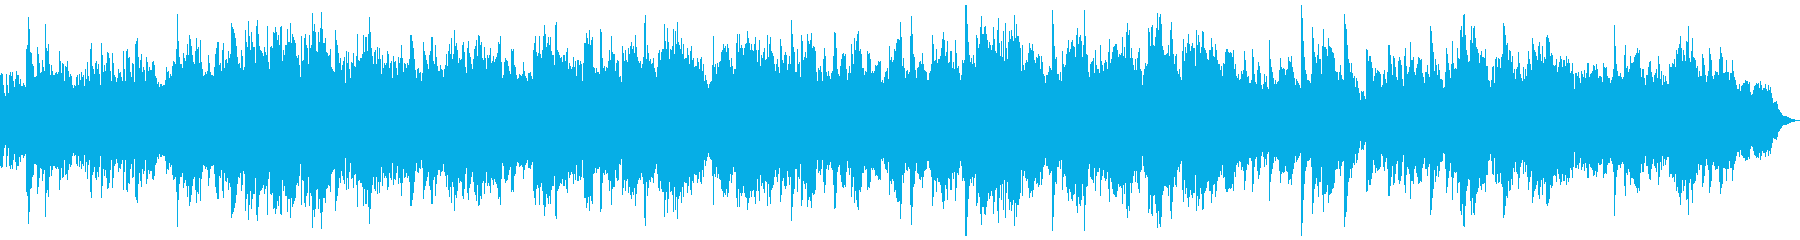 情緒的で壮大なファンタジーOP風ピアノ曲の再生済みの波形